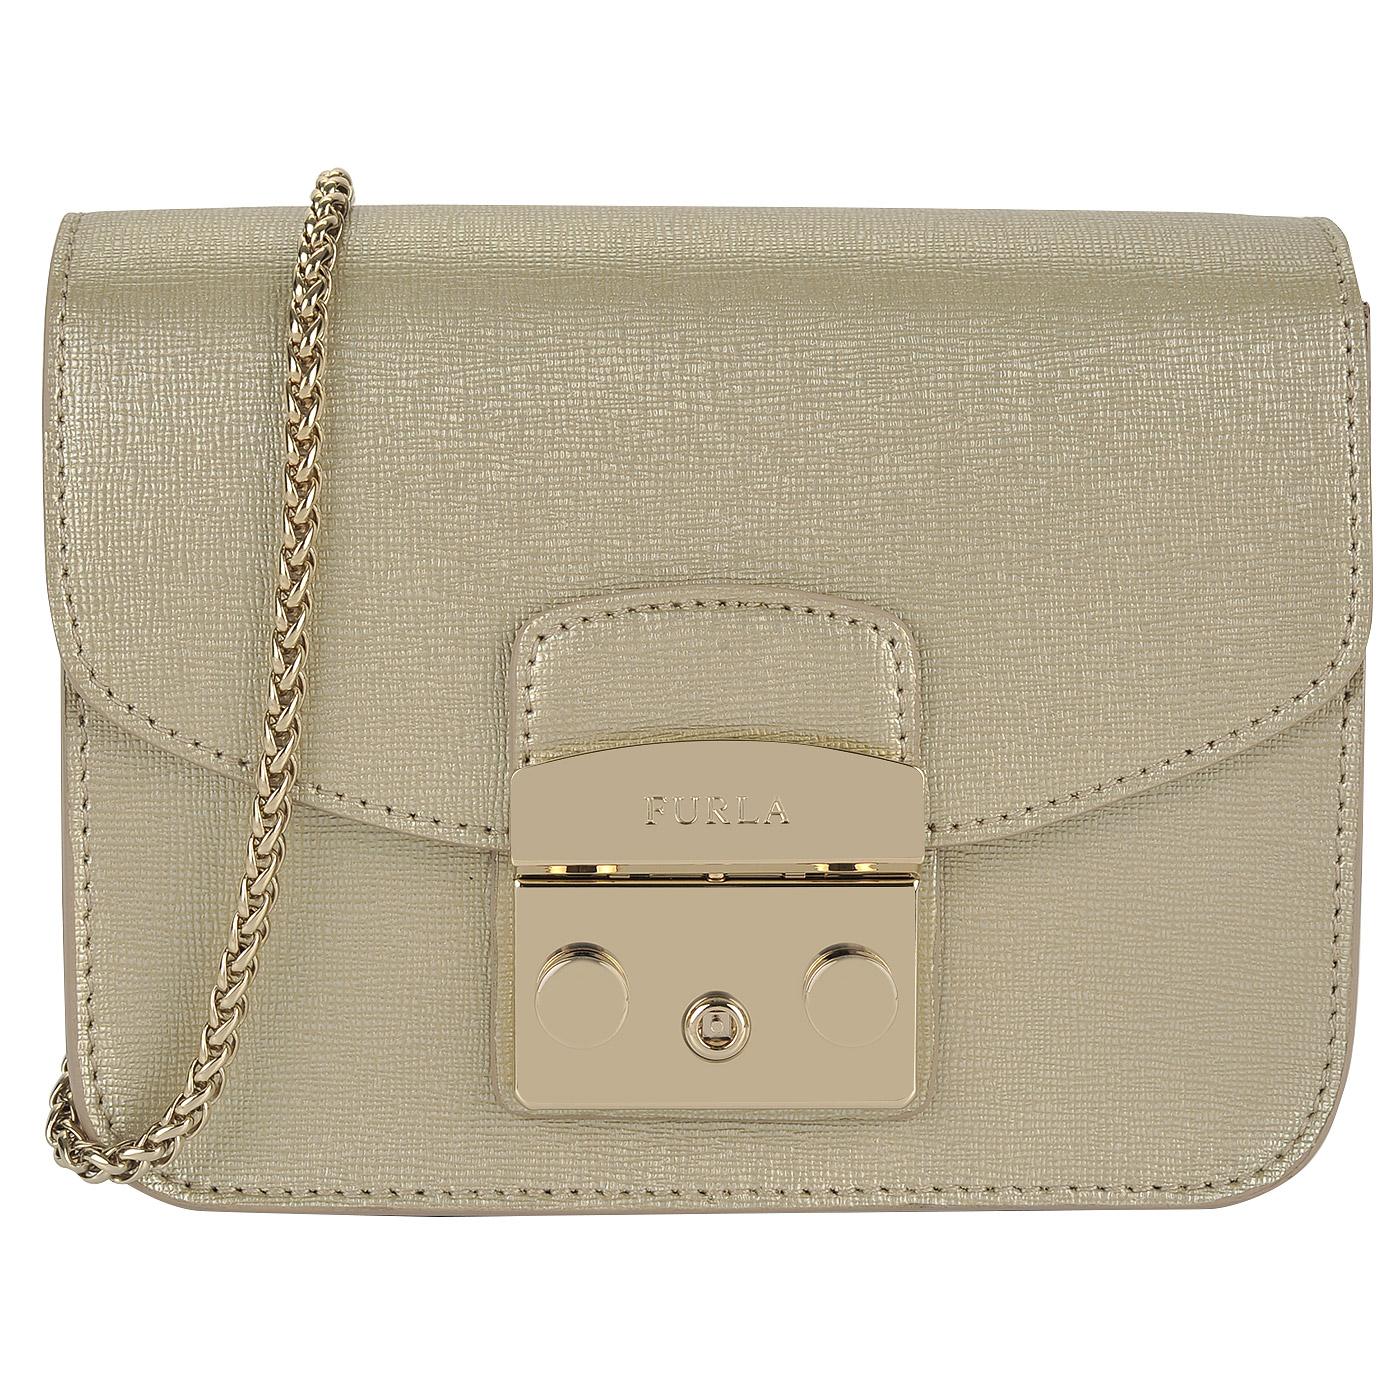 Женская кожаная сумочка на цепочке через плечо Furla Metropolis ... 8a5b44071eda1